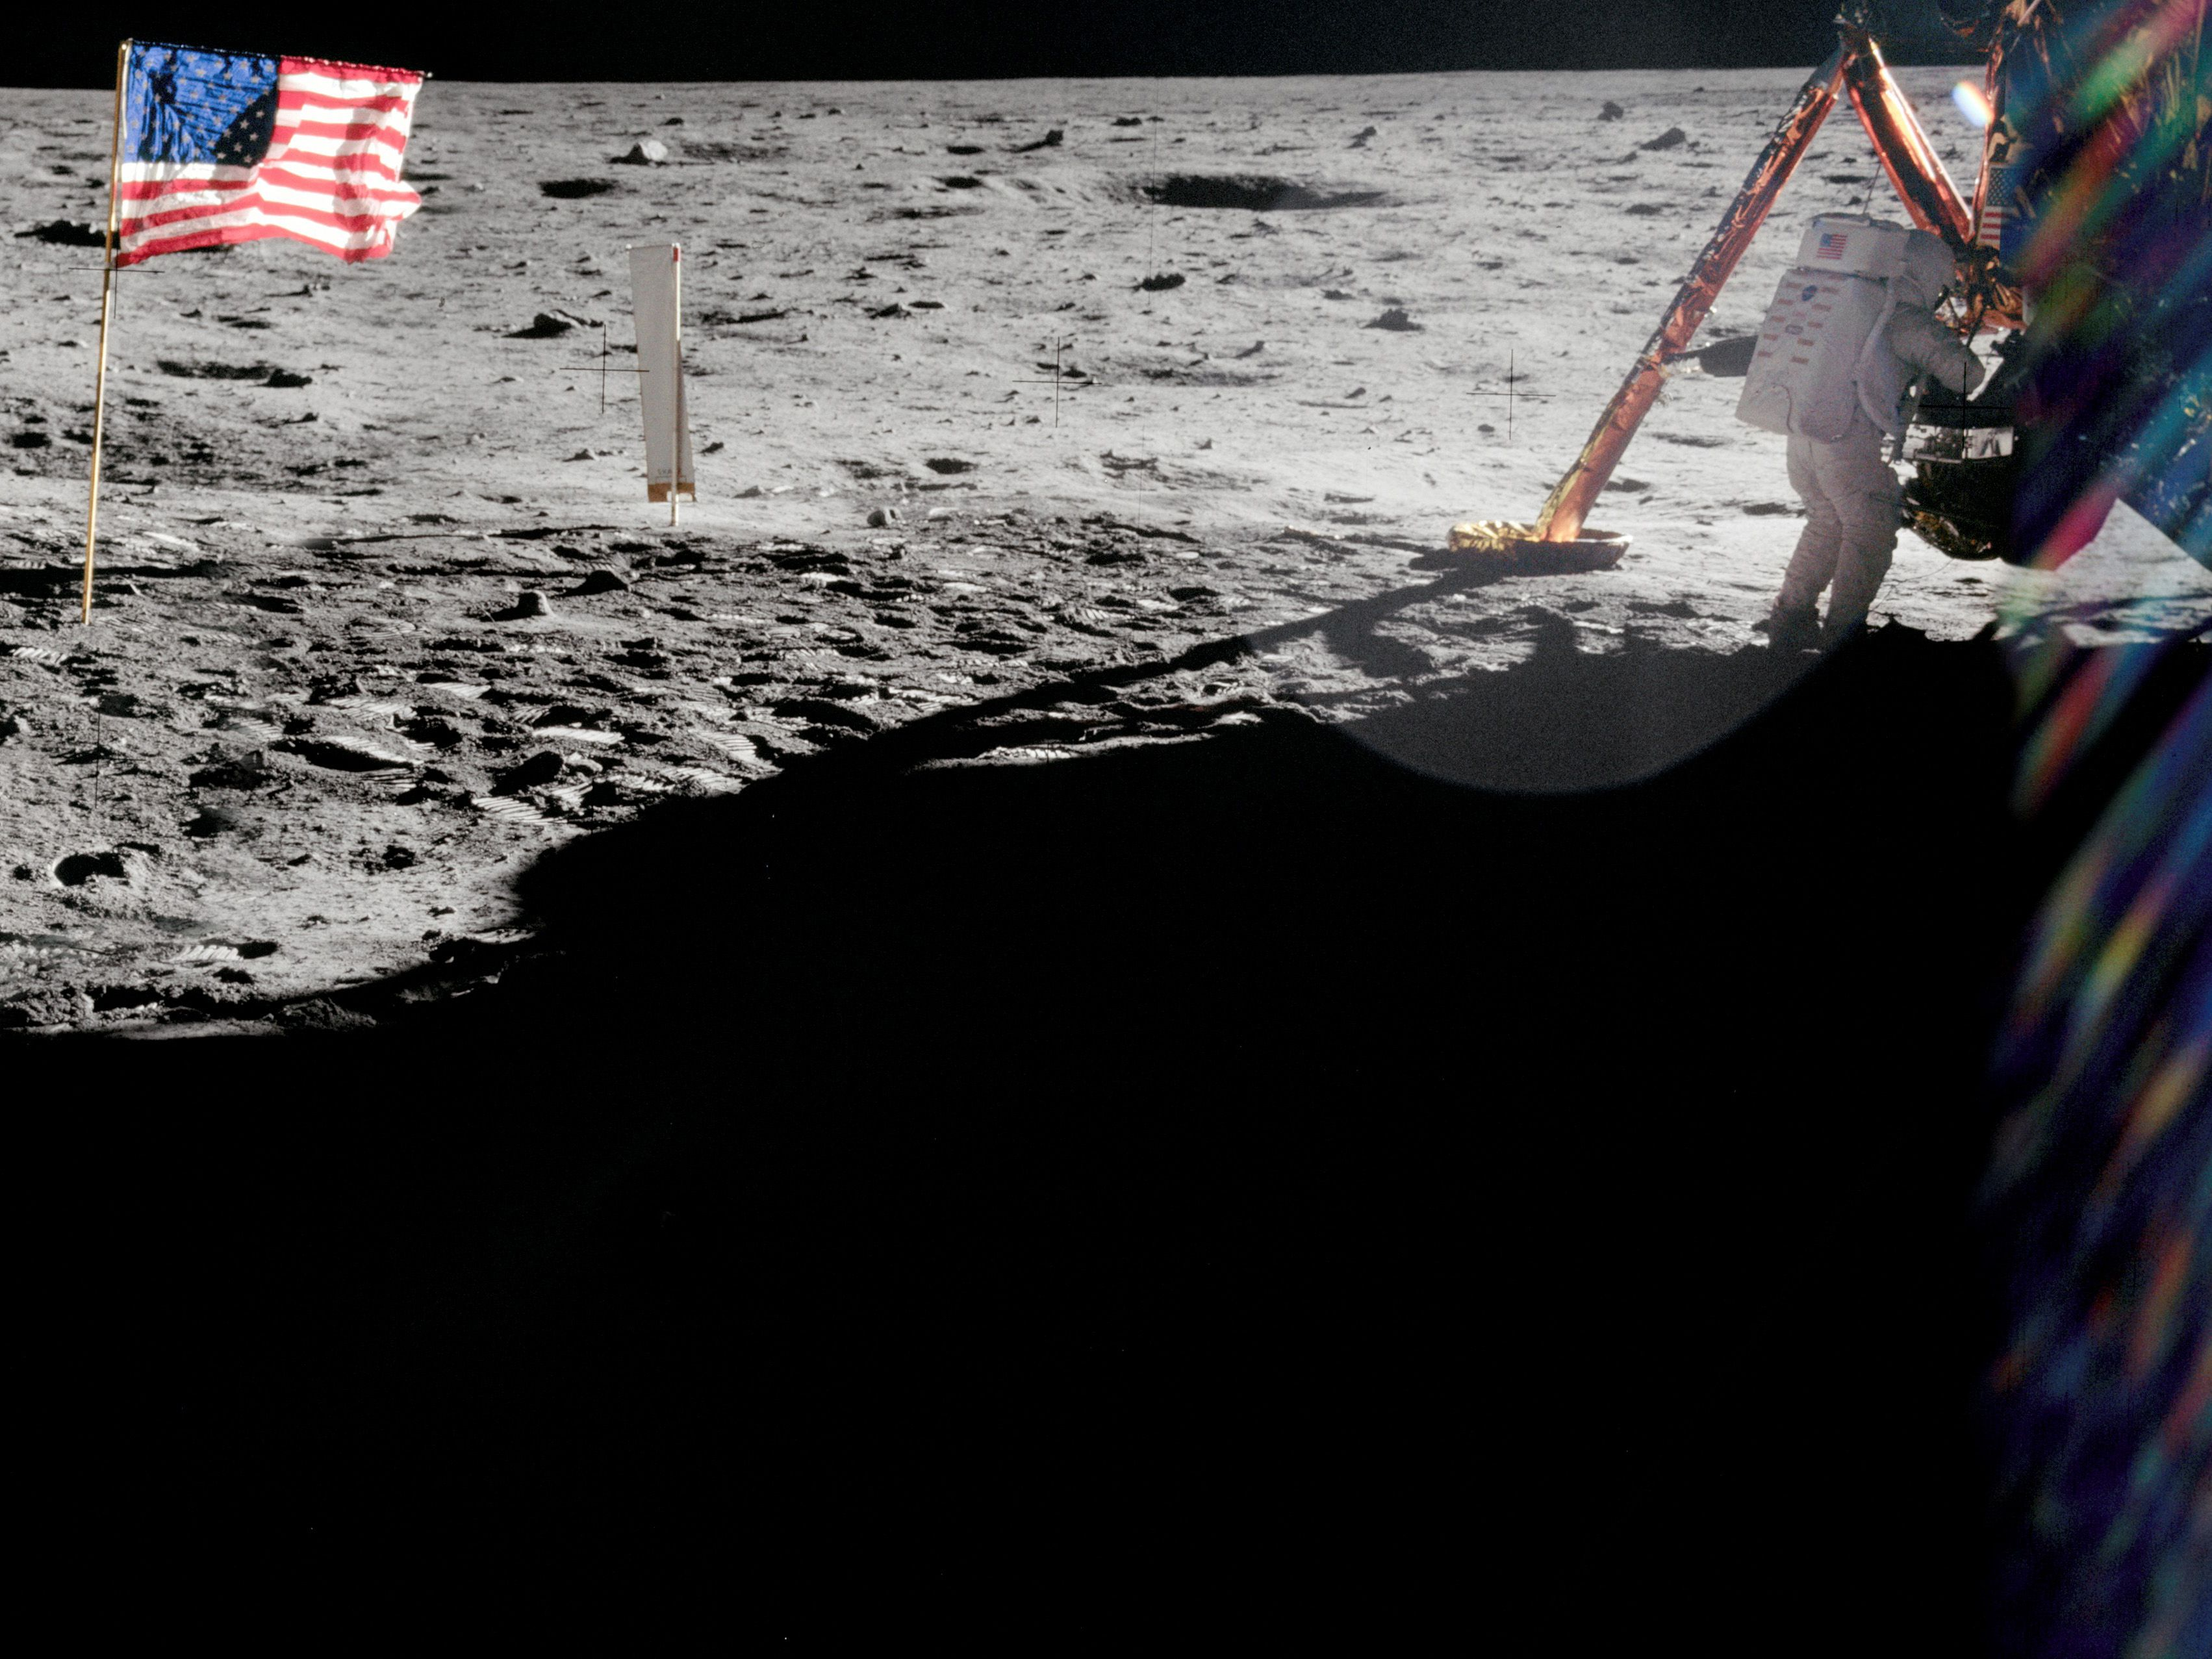 1969 NASA Buzz Aldrin Waving to the American flag Poster